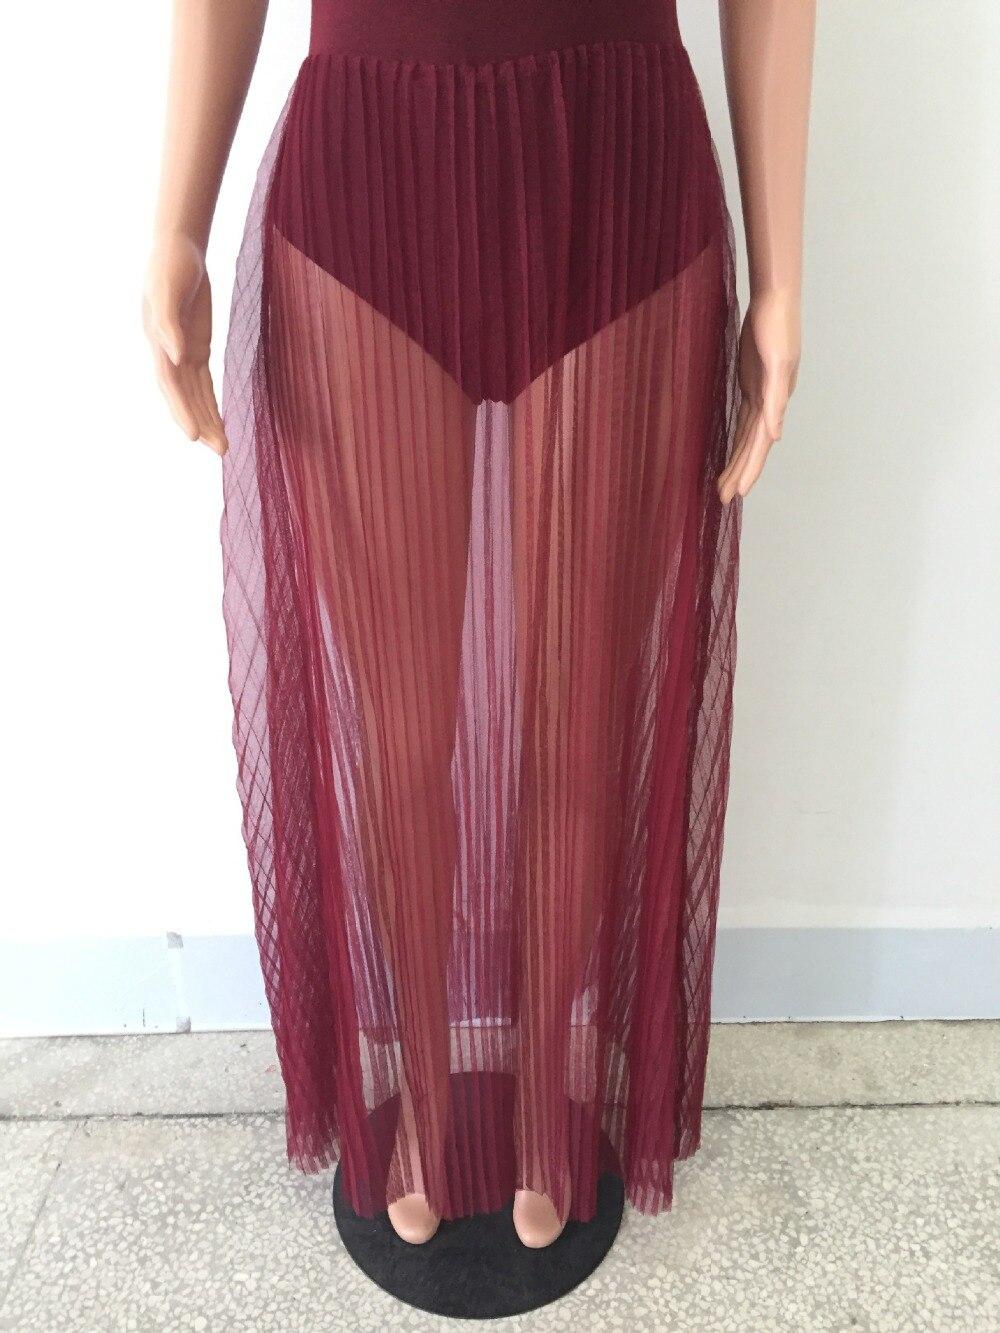 5009f4ce1514 2017 Estate Delle Donne del vestito Sexy Discoteca Maglia di Cotone Solido  Carro Armato Maxi vestito Pieghettato vestito da Partito abiti vestidos in  2017 ...